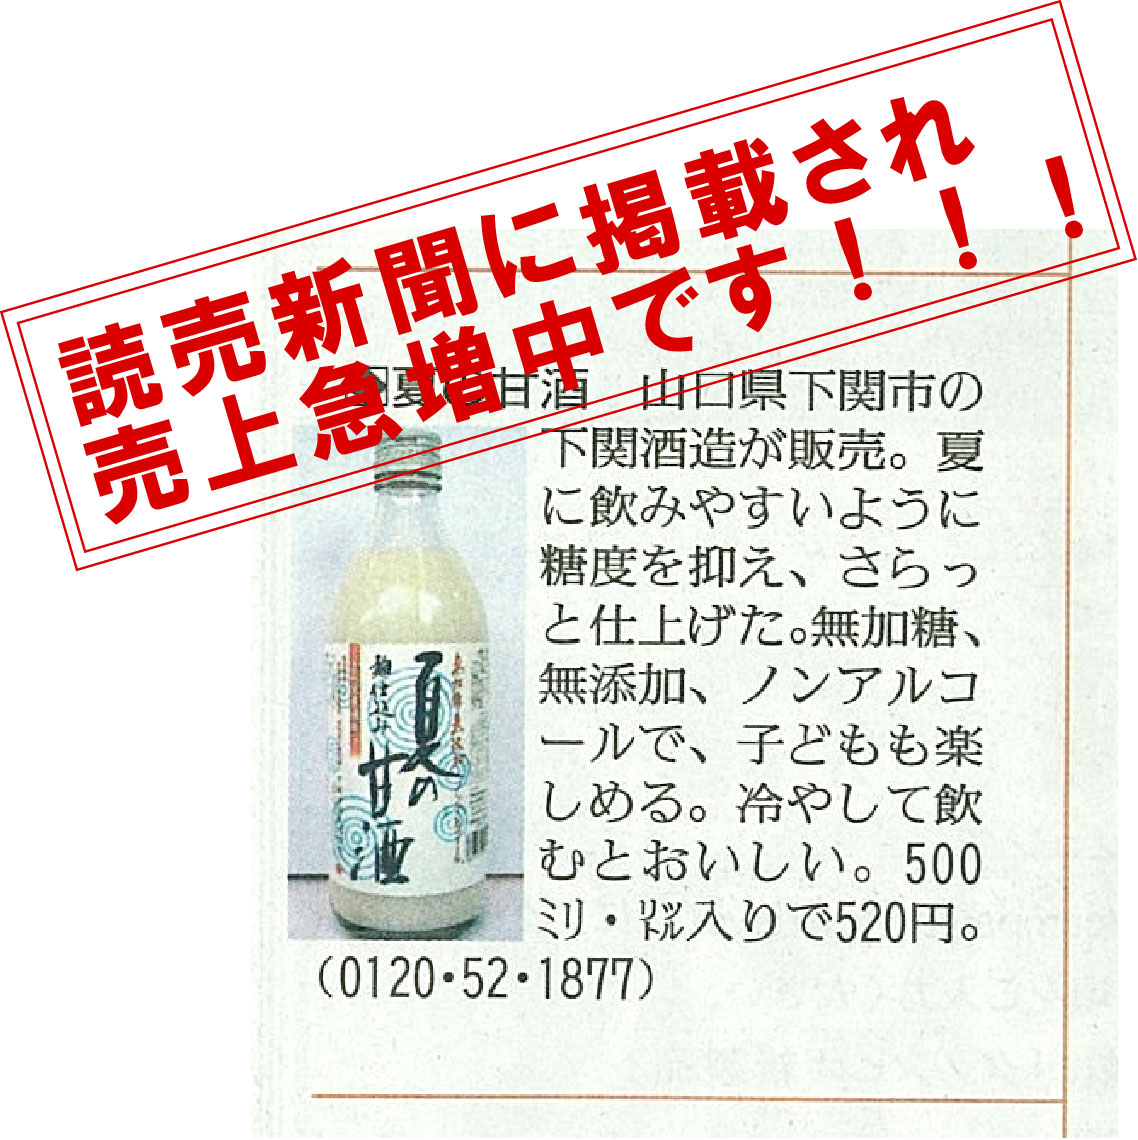 yomiuri_20100713114608.jpg